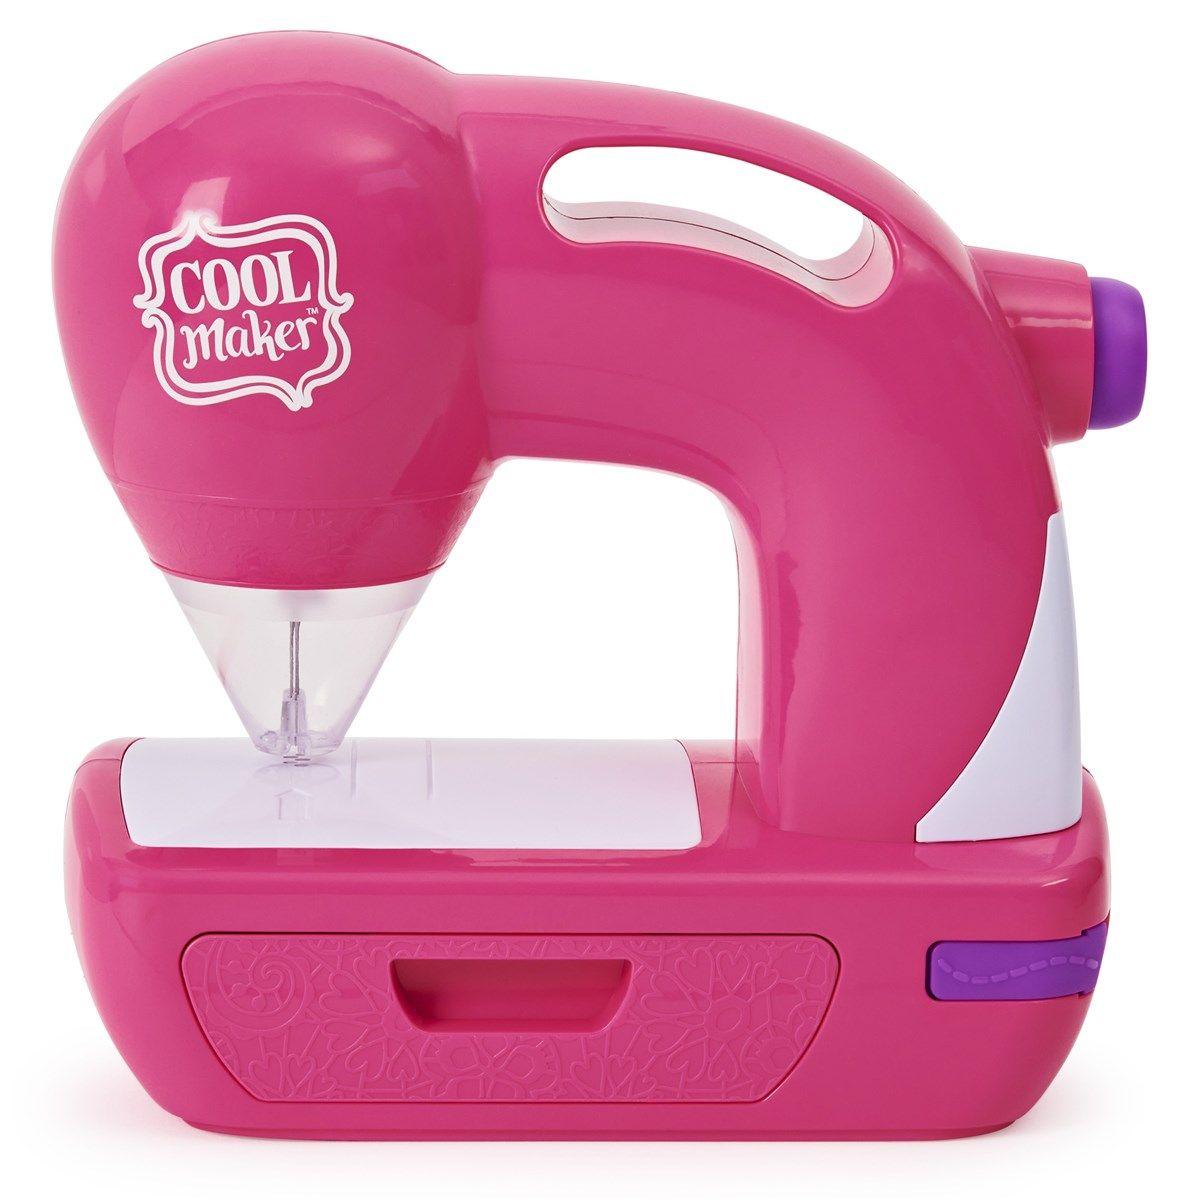 Cool Maker - Sew Cool Studio (6058340)